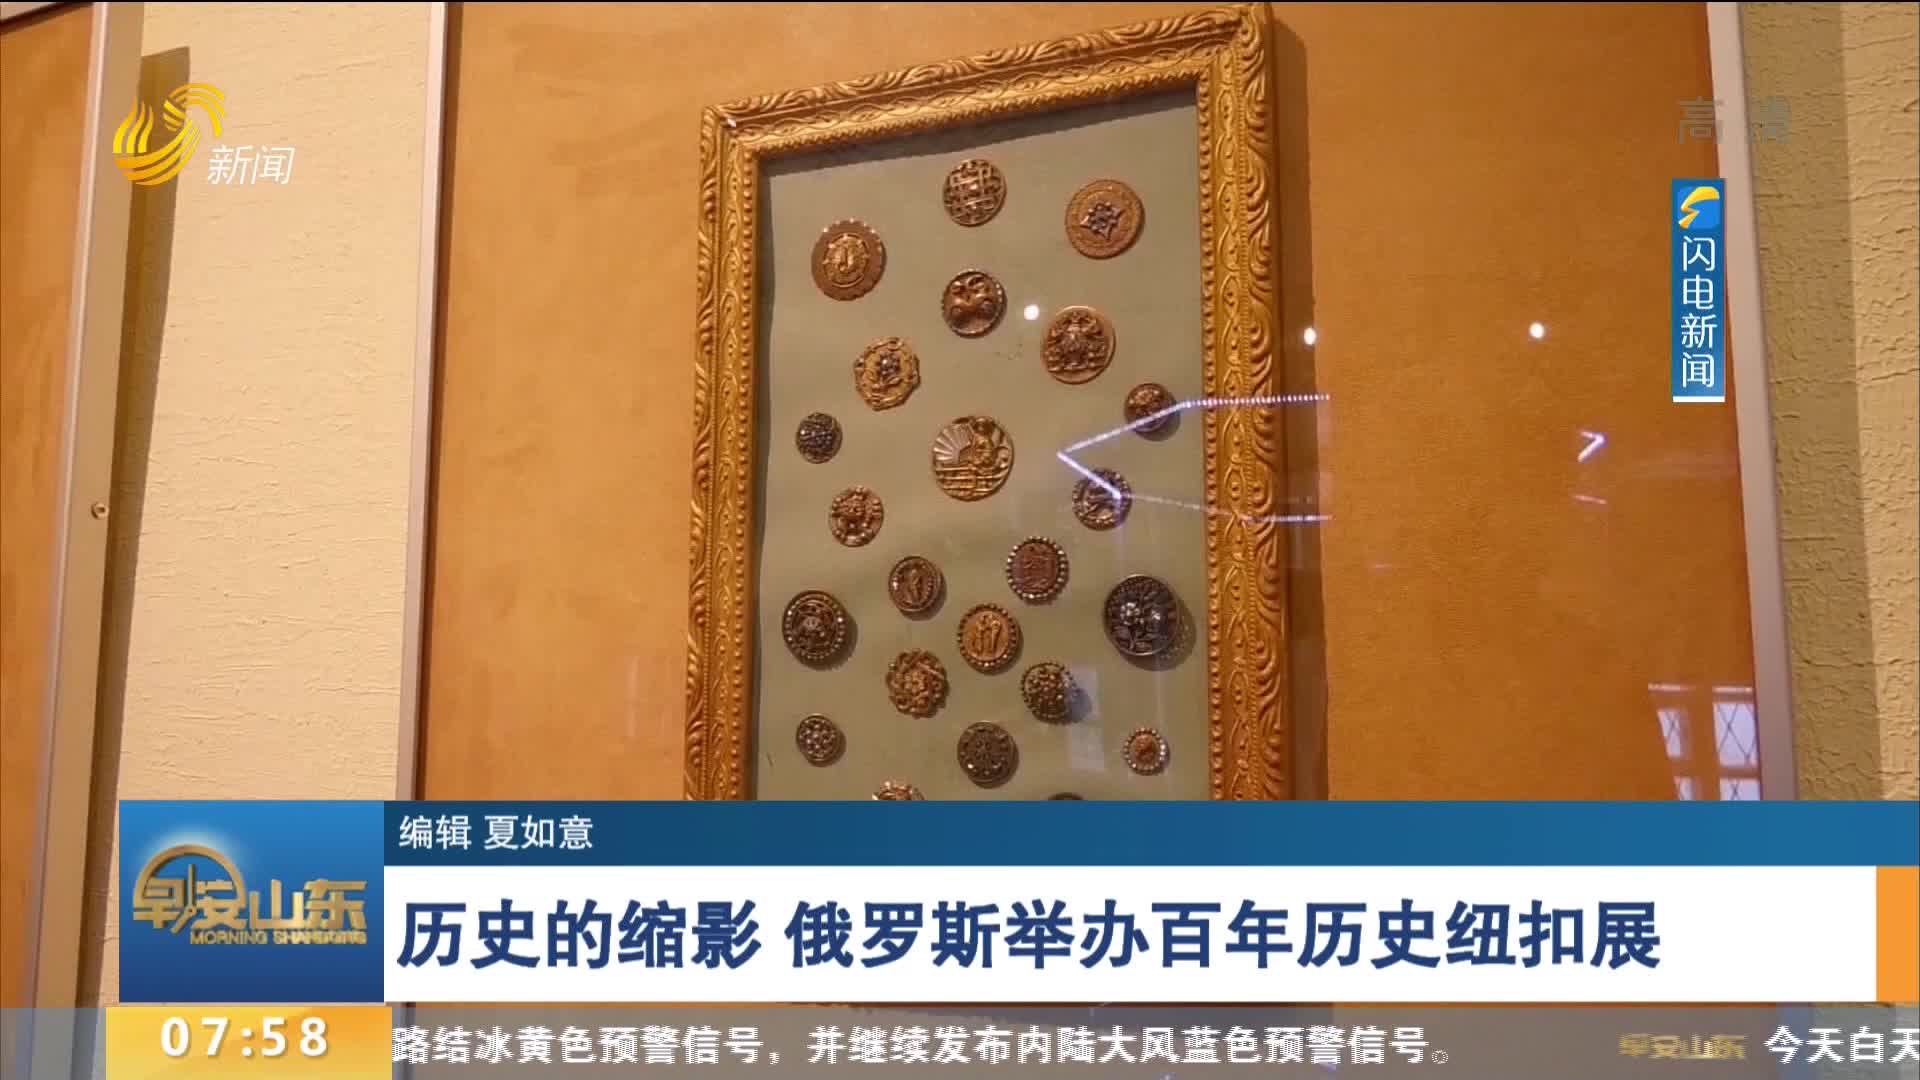 历史的缩影 俄罗斯举办百年历史纽扣展